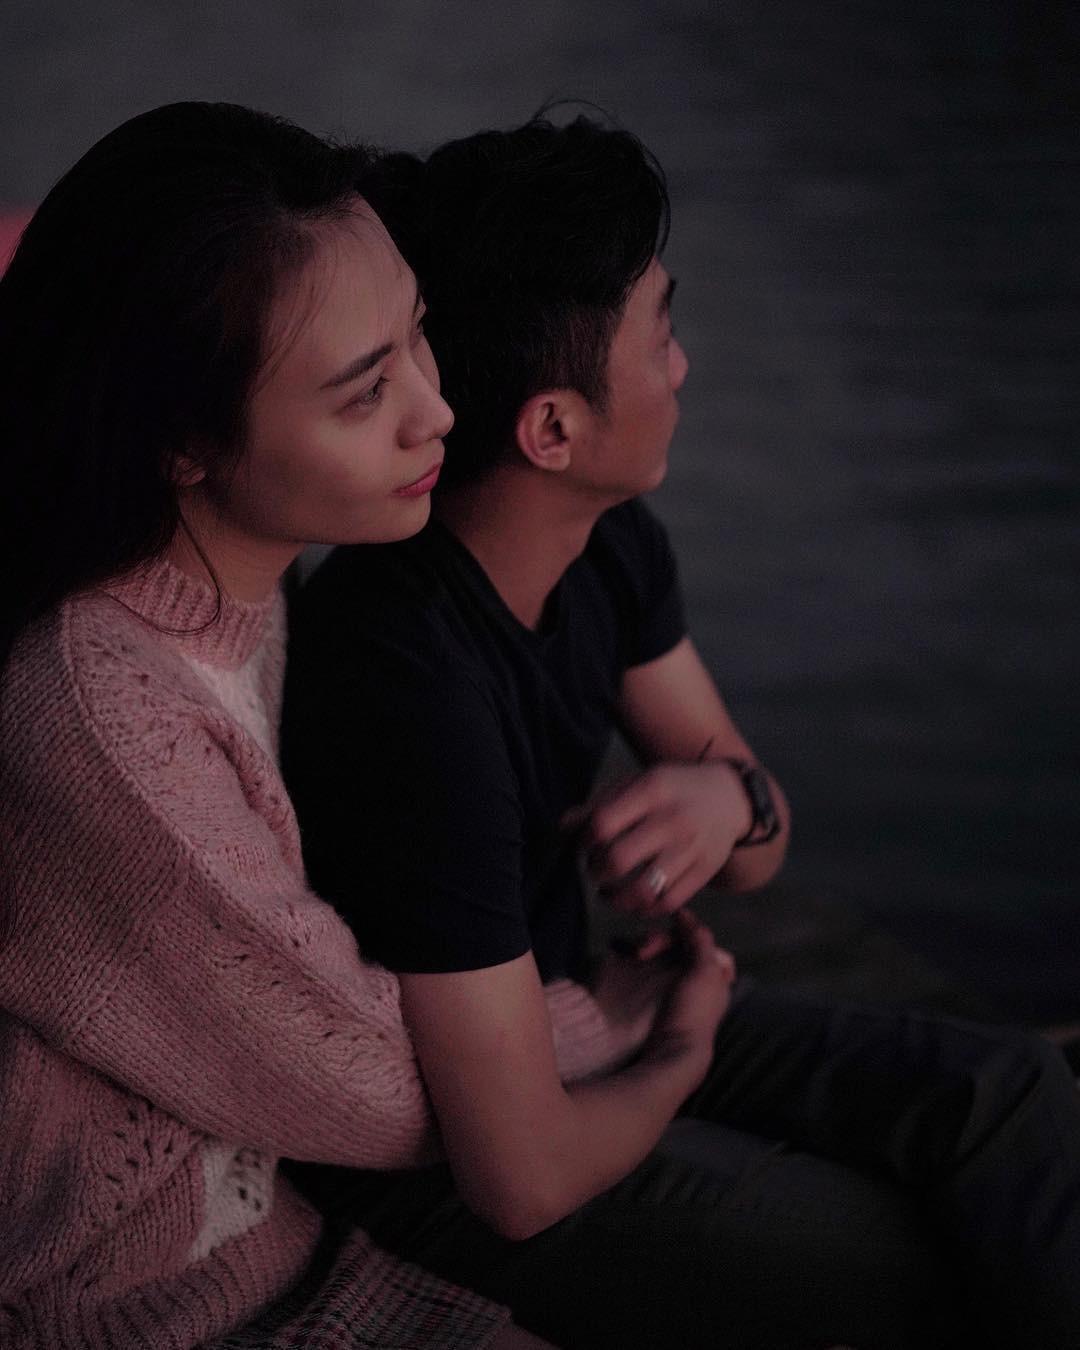 Hé lộ thêm ảnh cưới đơn giản của Cường Đô La và Đàm Thu Trang trước ngày trọng đại? - Ảnh 3.